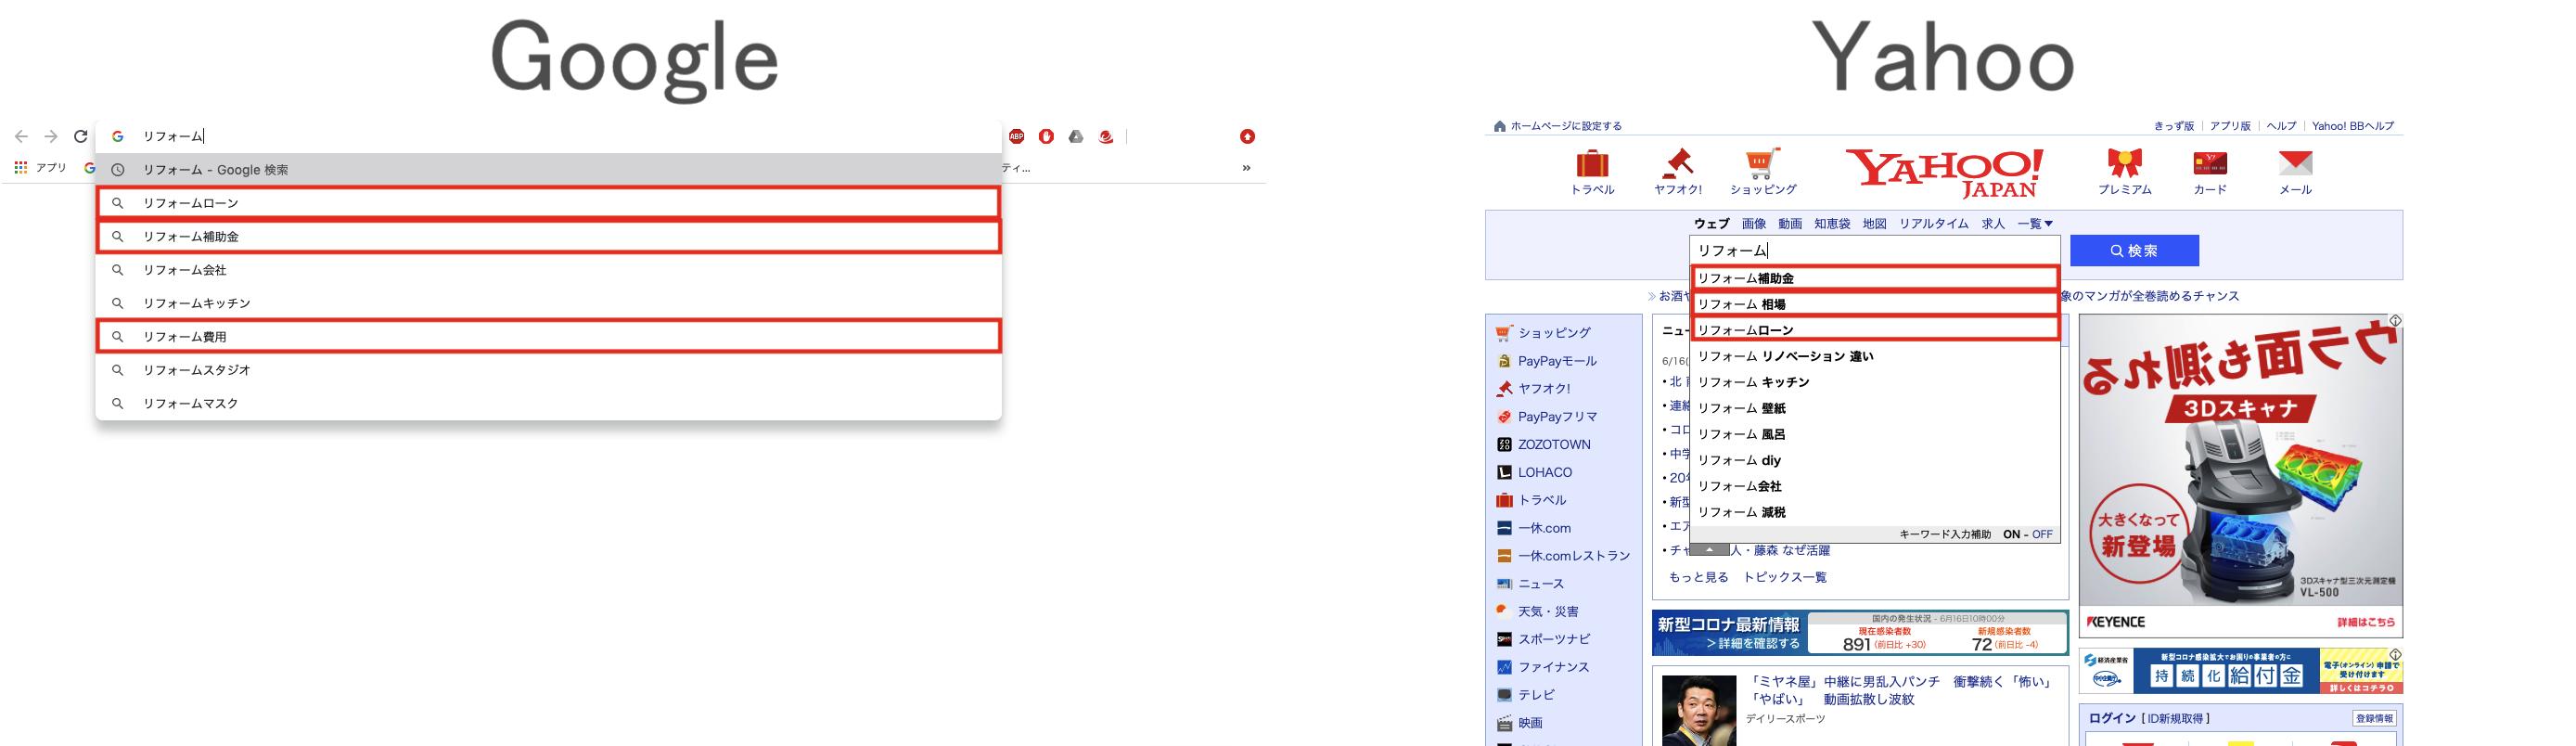 「リフォーム」と打ち込んだときのGoogleとYahooの共通の関連キーワード